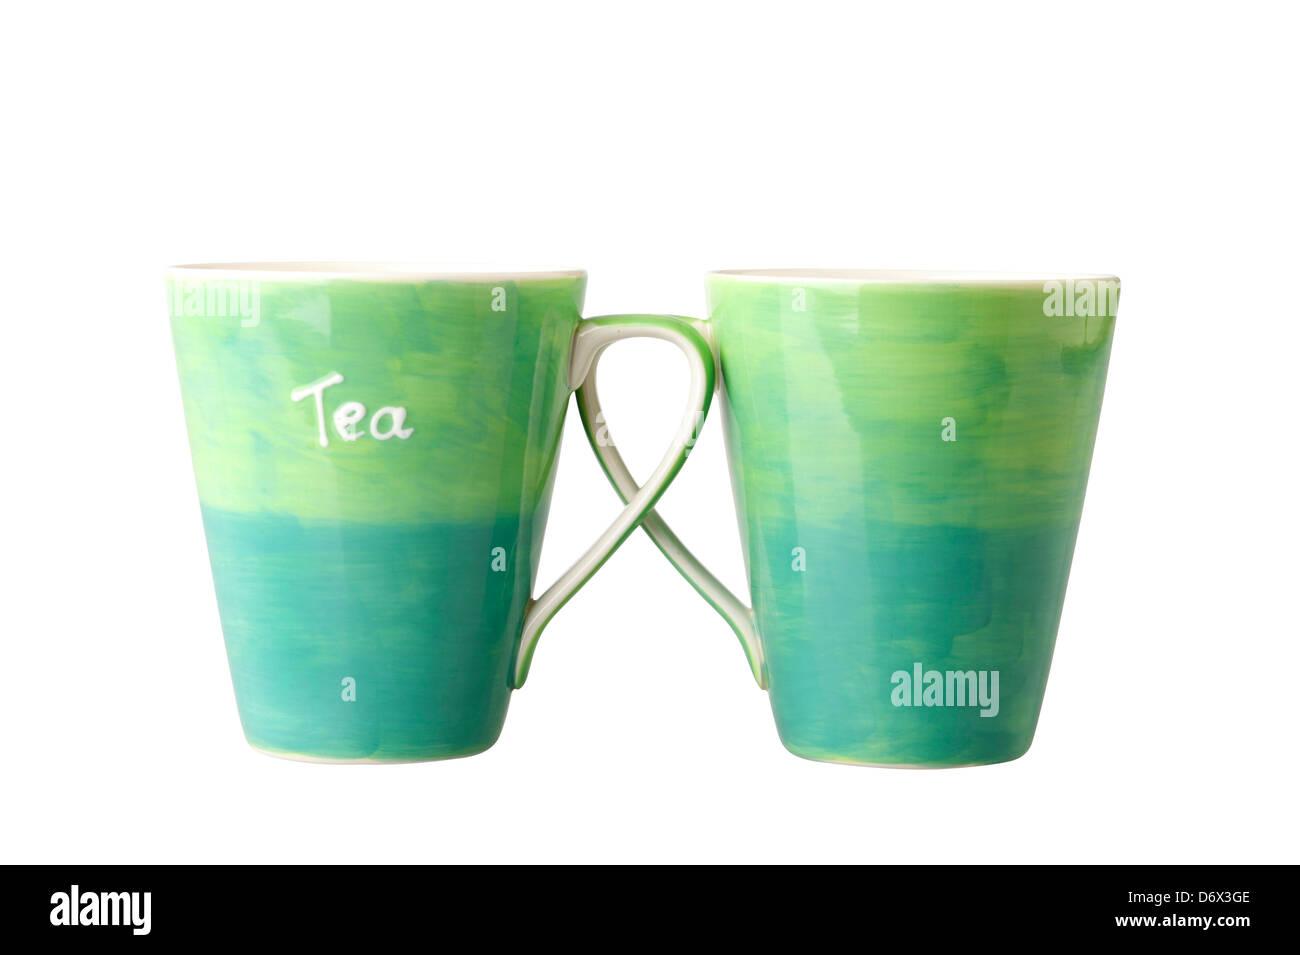 Two green mugs nice for tea time - Stock Image